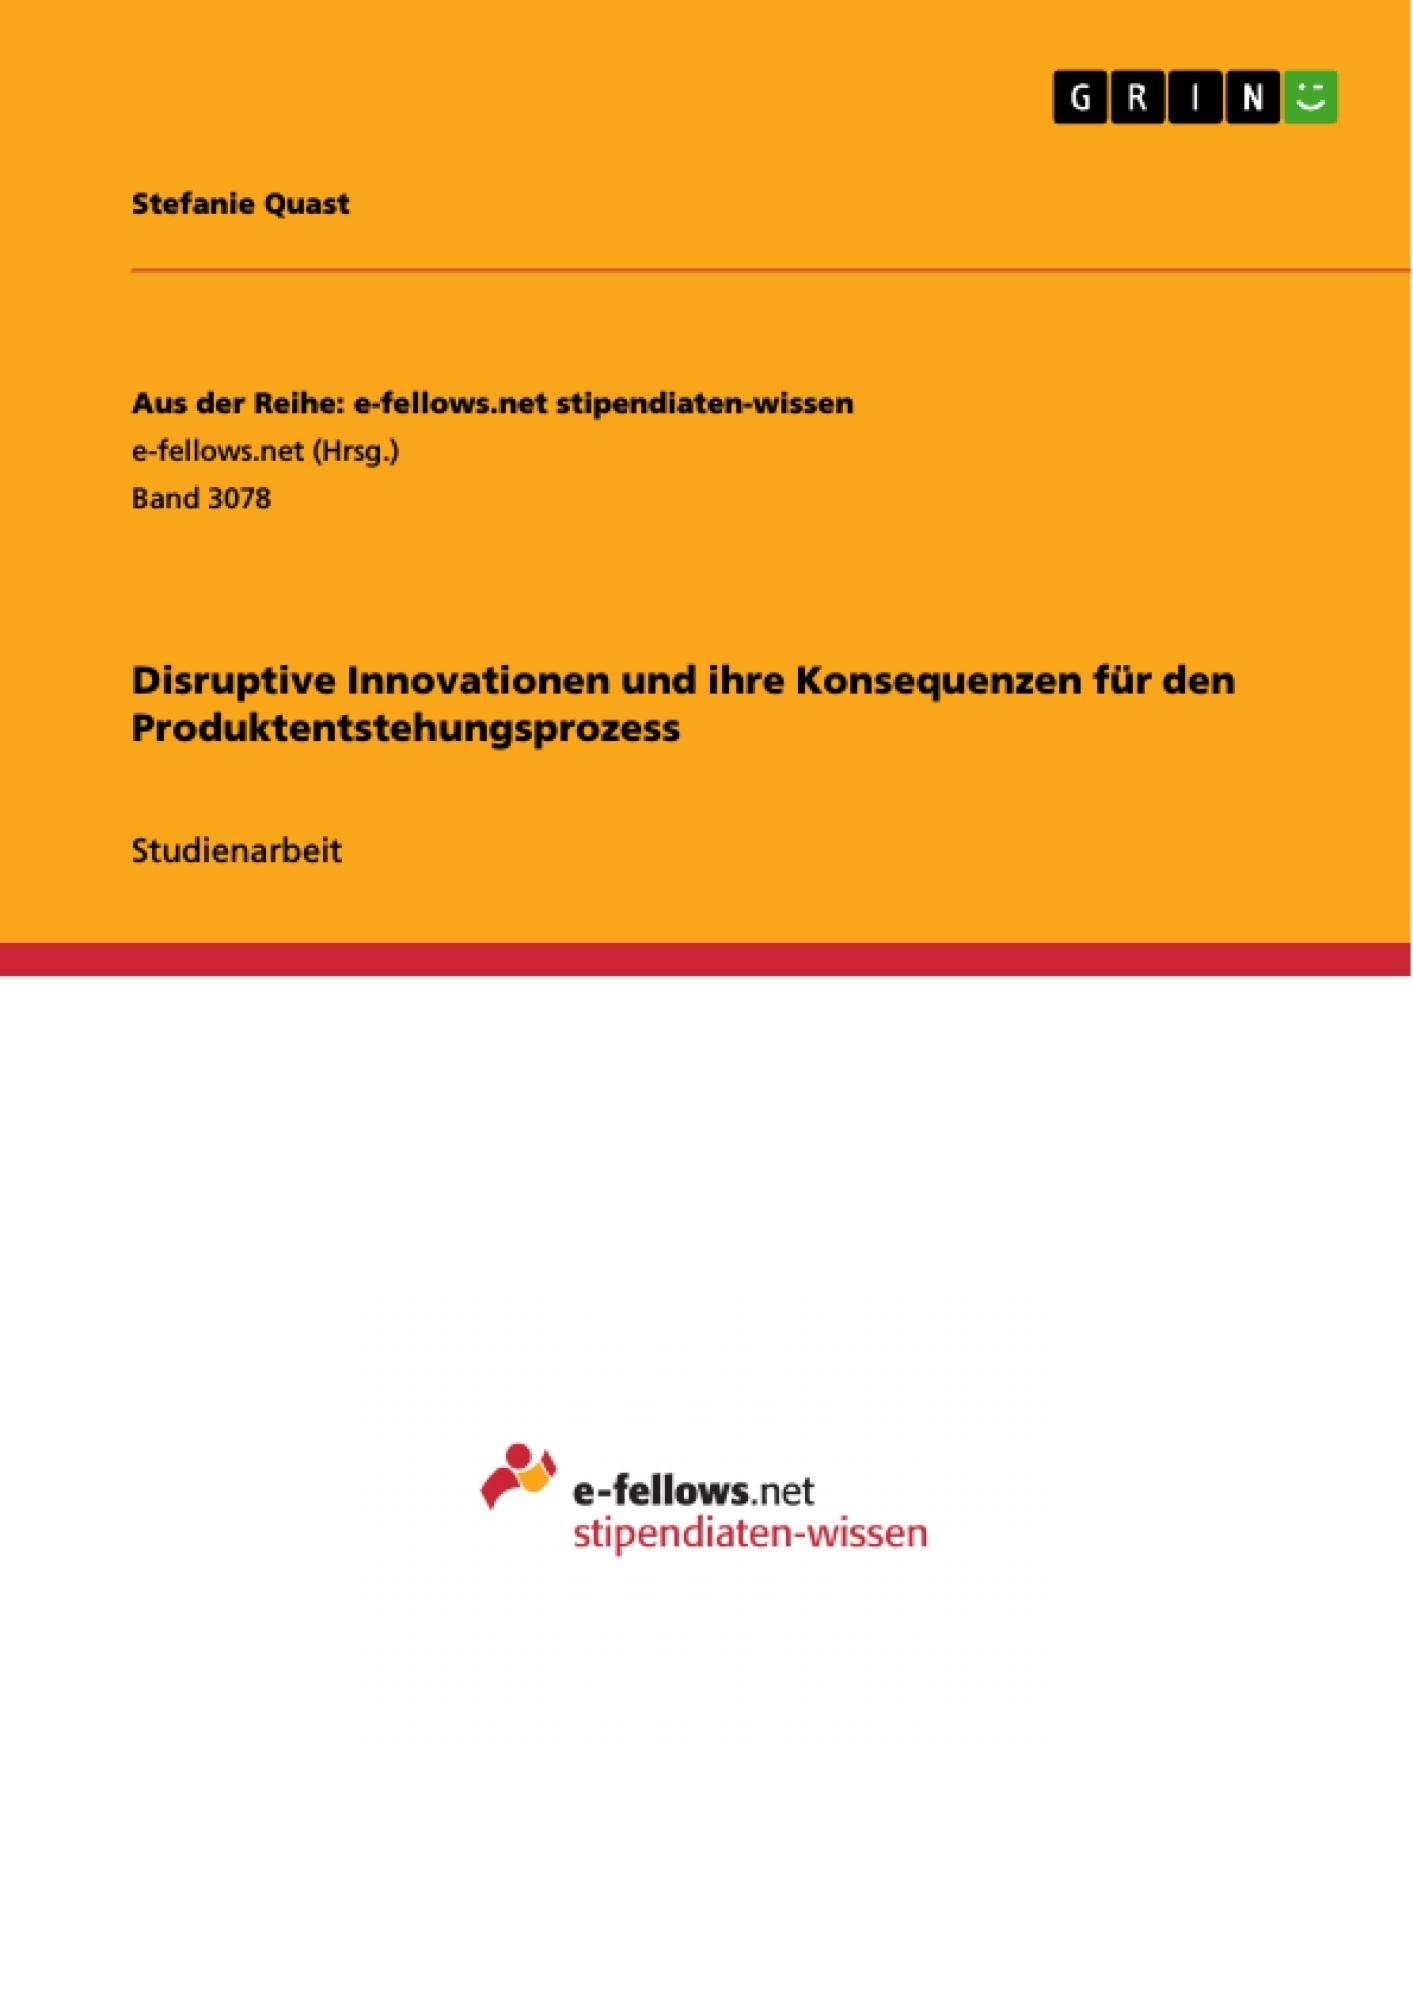 Titel: Disruptive Innovationen und ihre Konsequenzen für den Produktentstehungsprozess